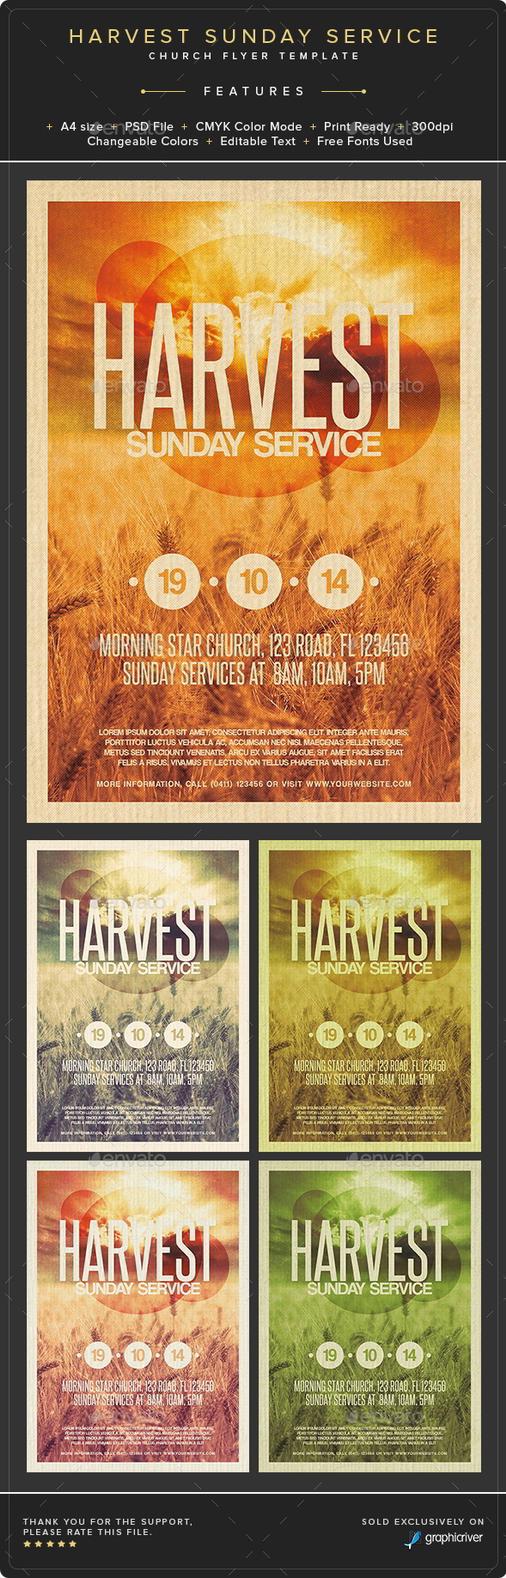 Harvest Sunday Service Flyer Template by Junaedy-Ponda